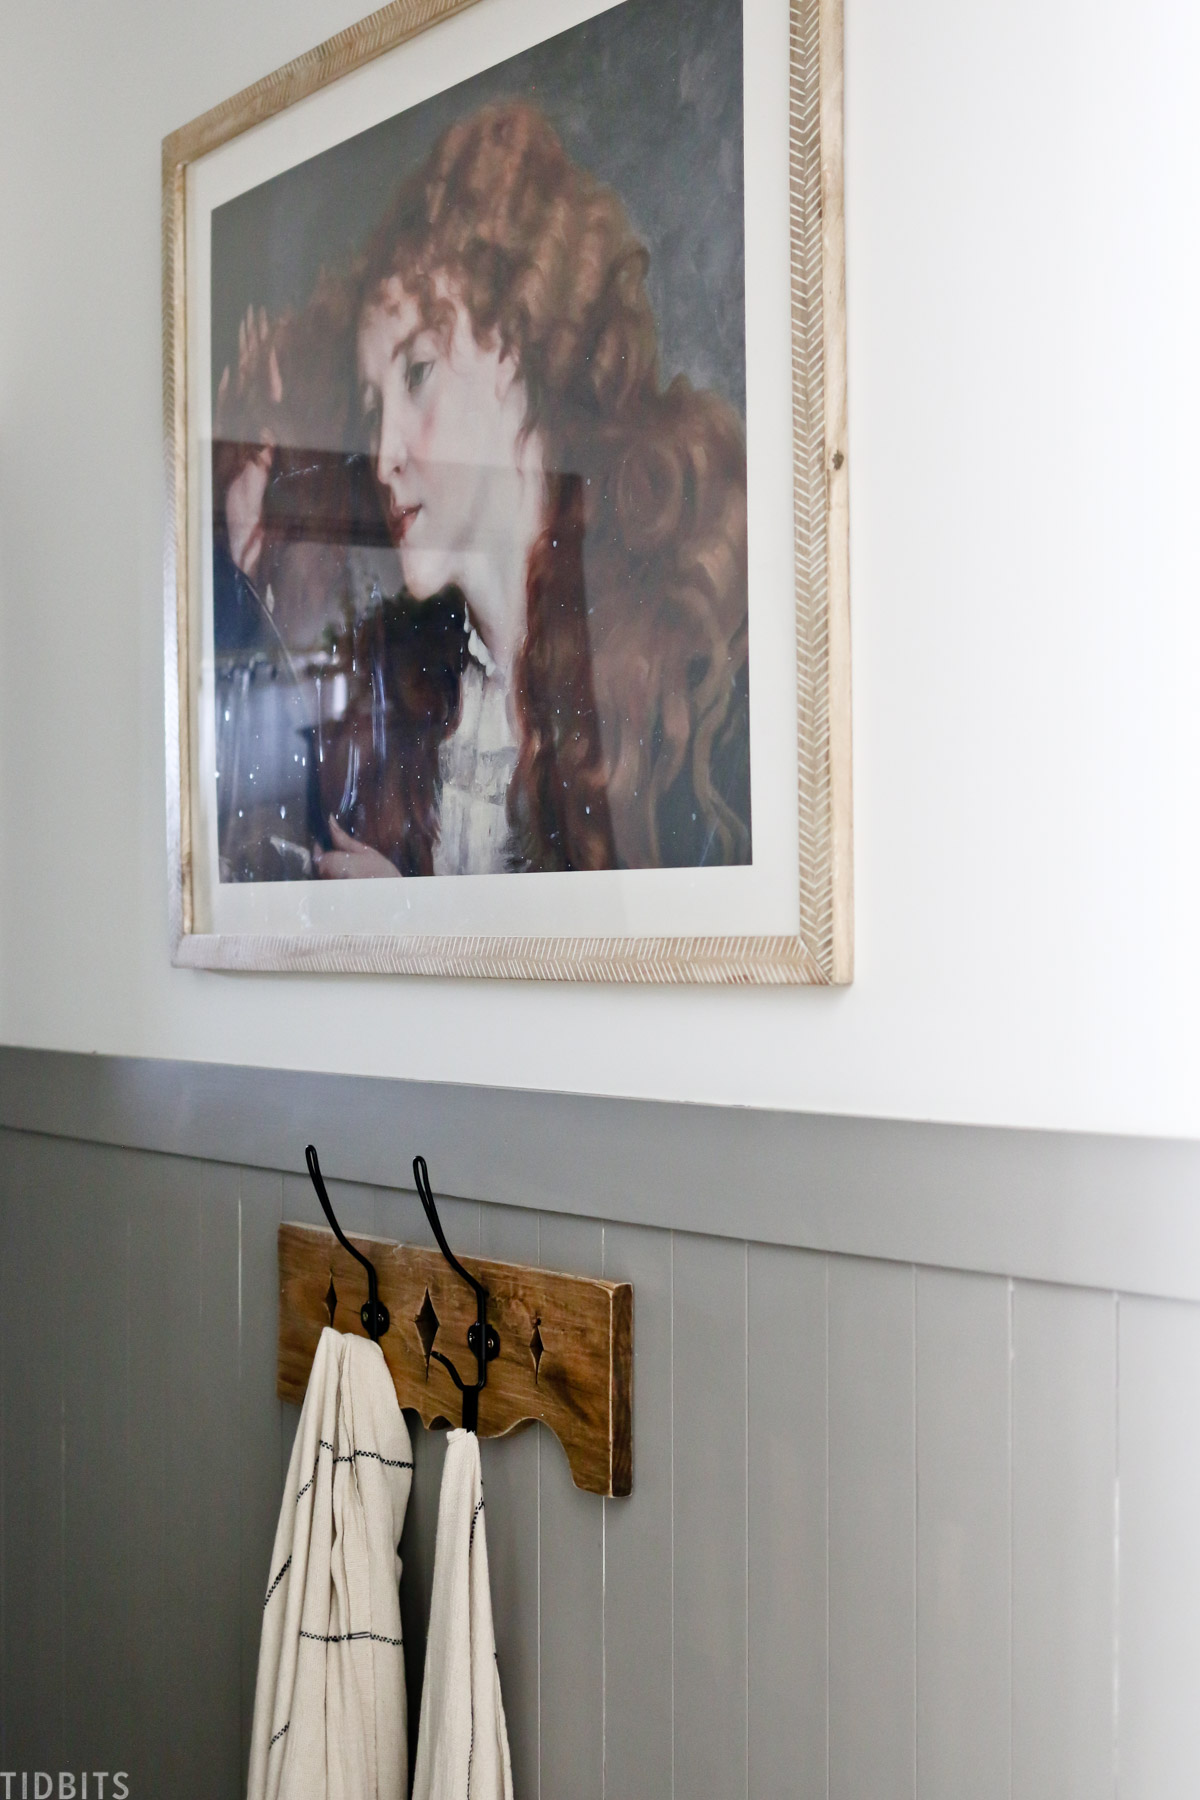 antique artwork hanging in bathroom above towel hooks